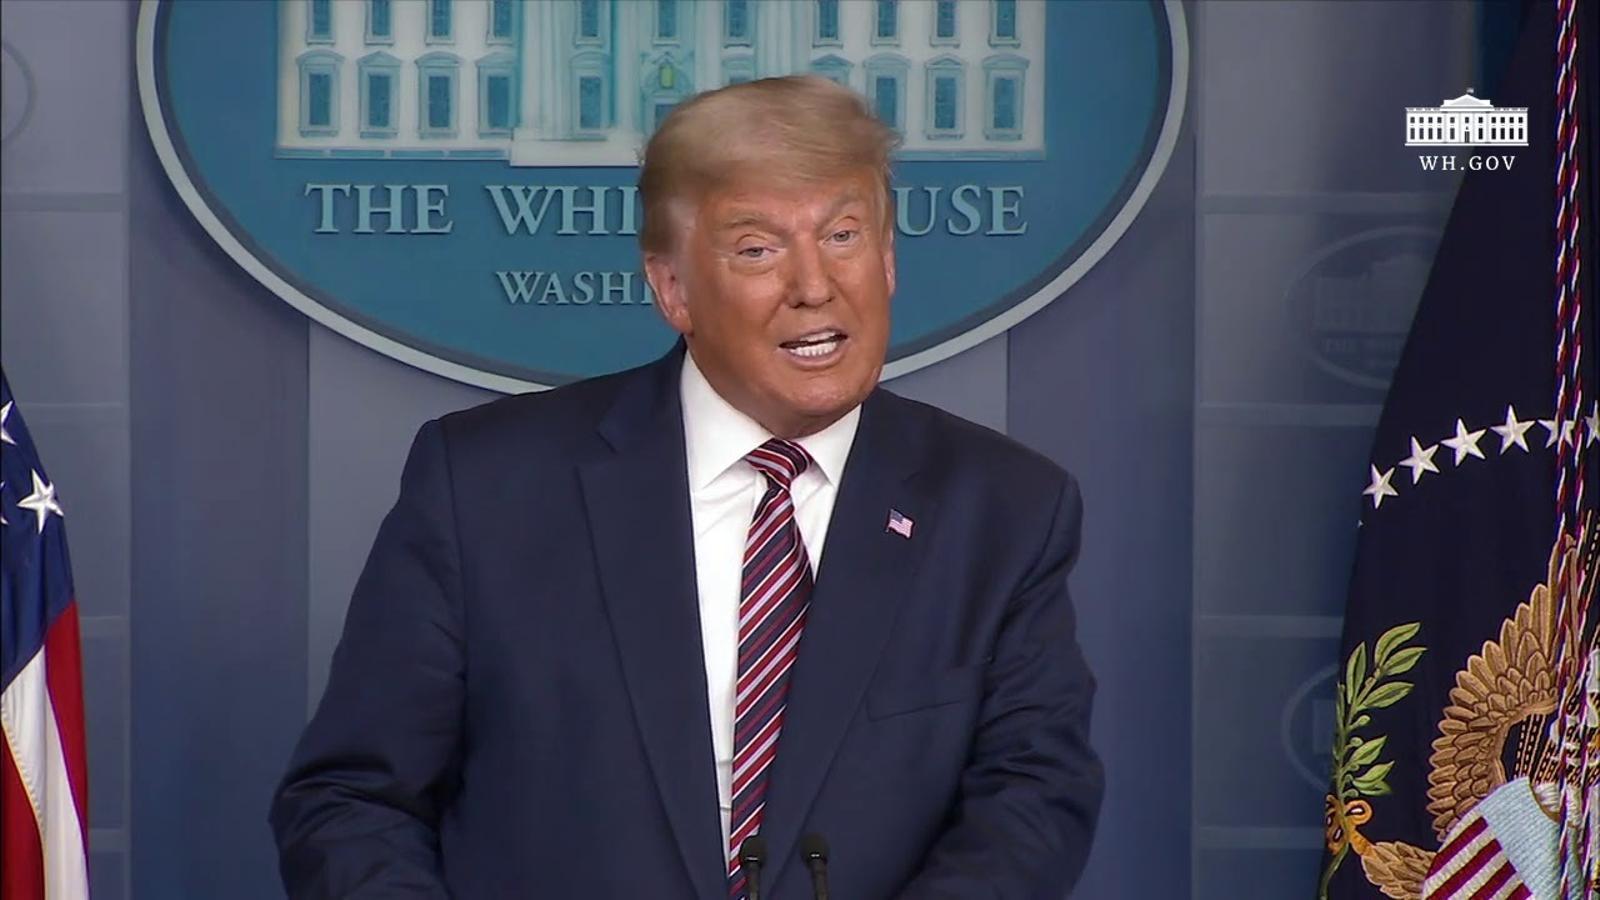 Roda de premsa del president Donald Trump (5/11/2020)